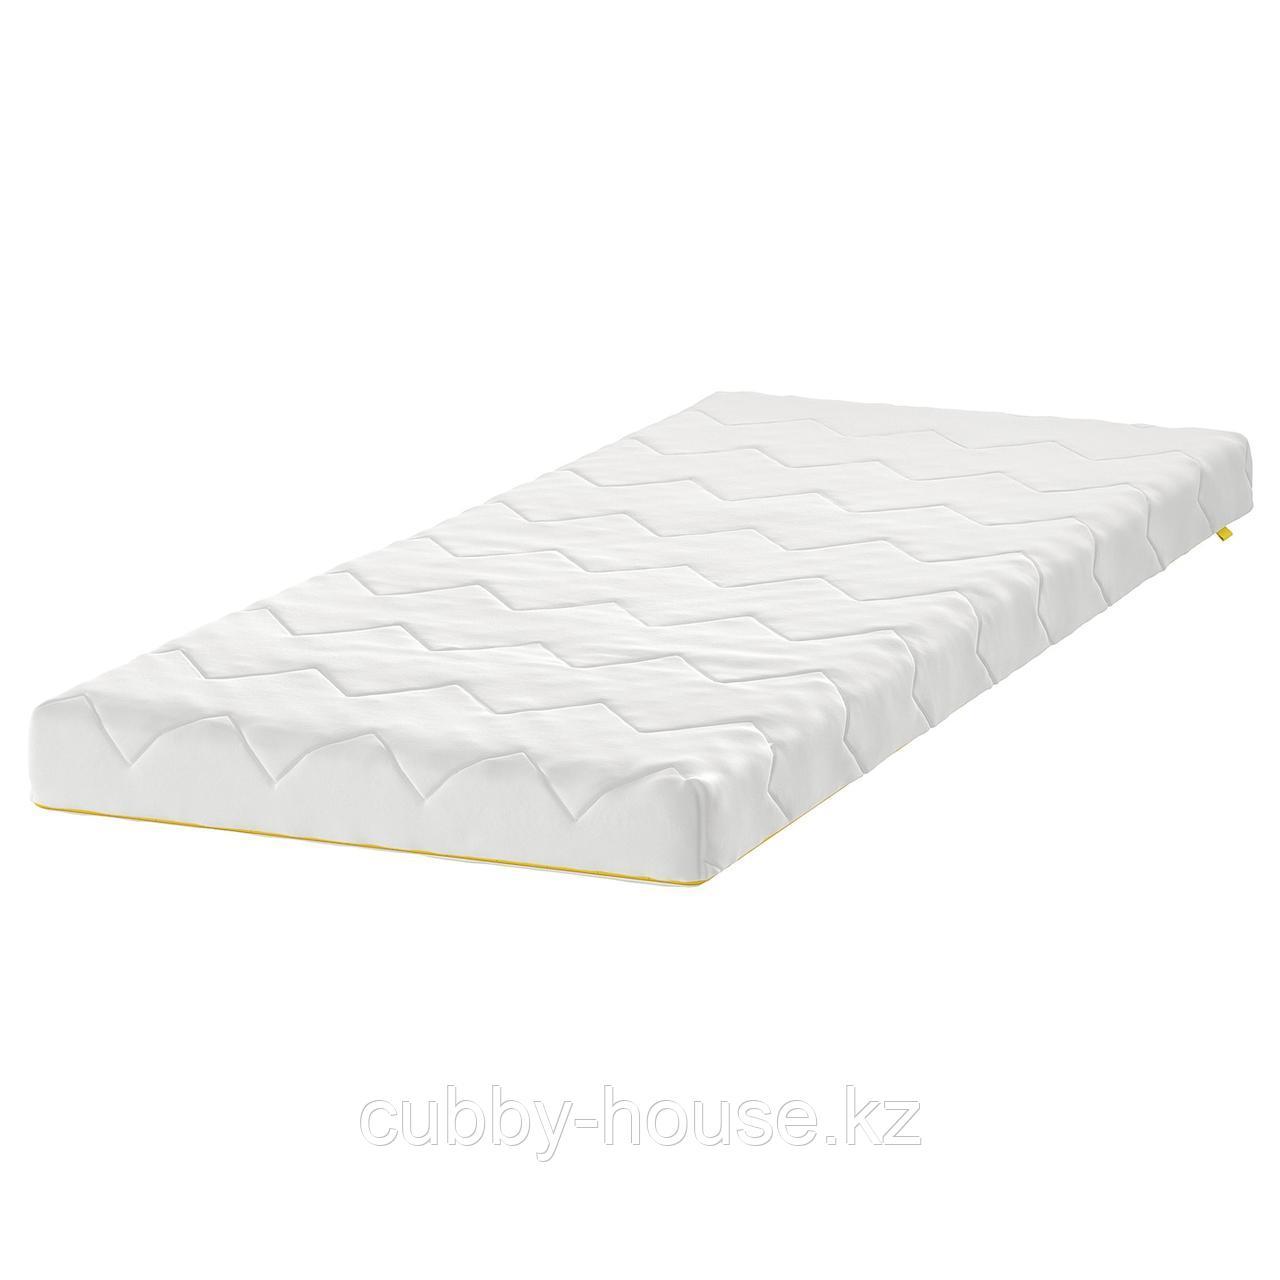 УНДЕРЛИГ Матрас для детской кровати, белый, 70x160 см